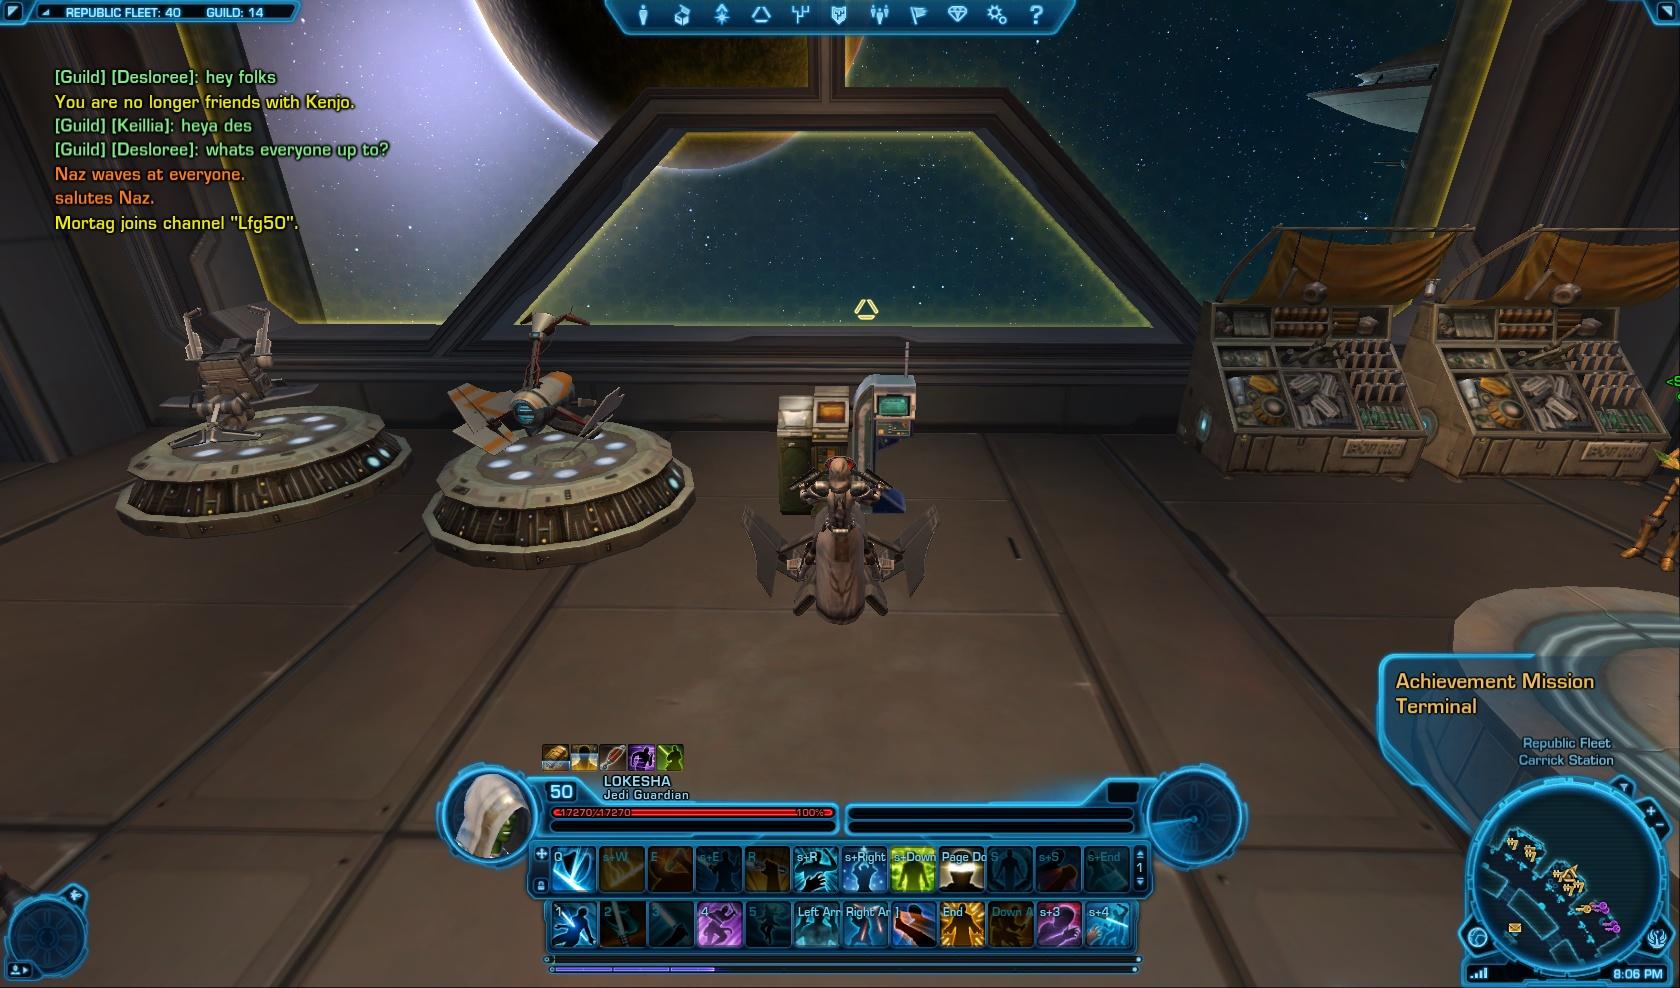 achievement mission terminal